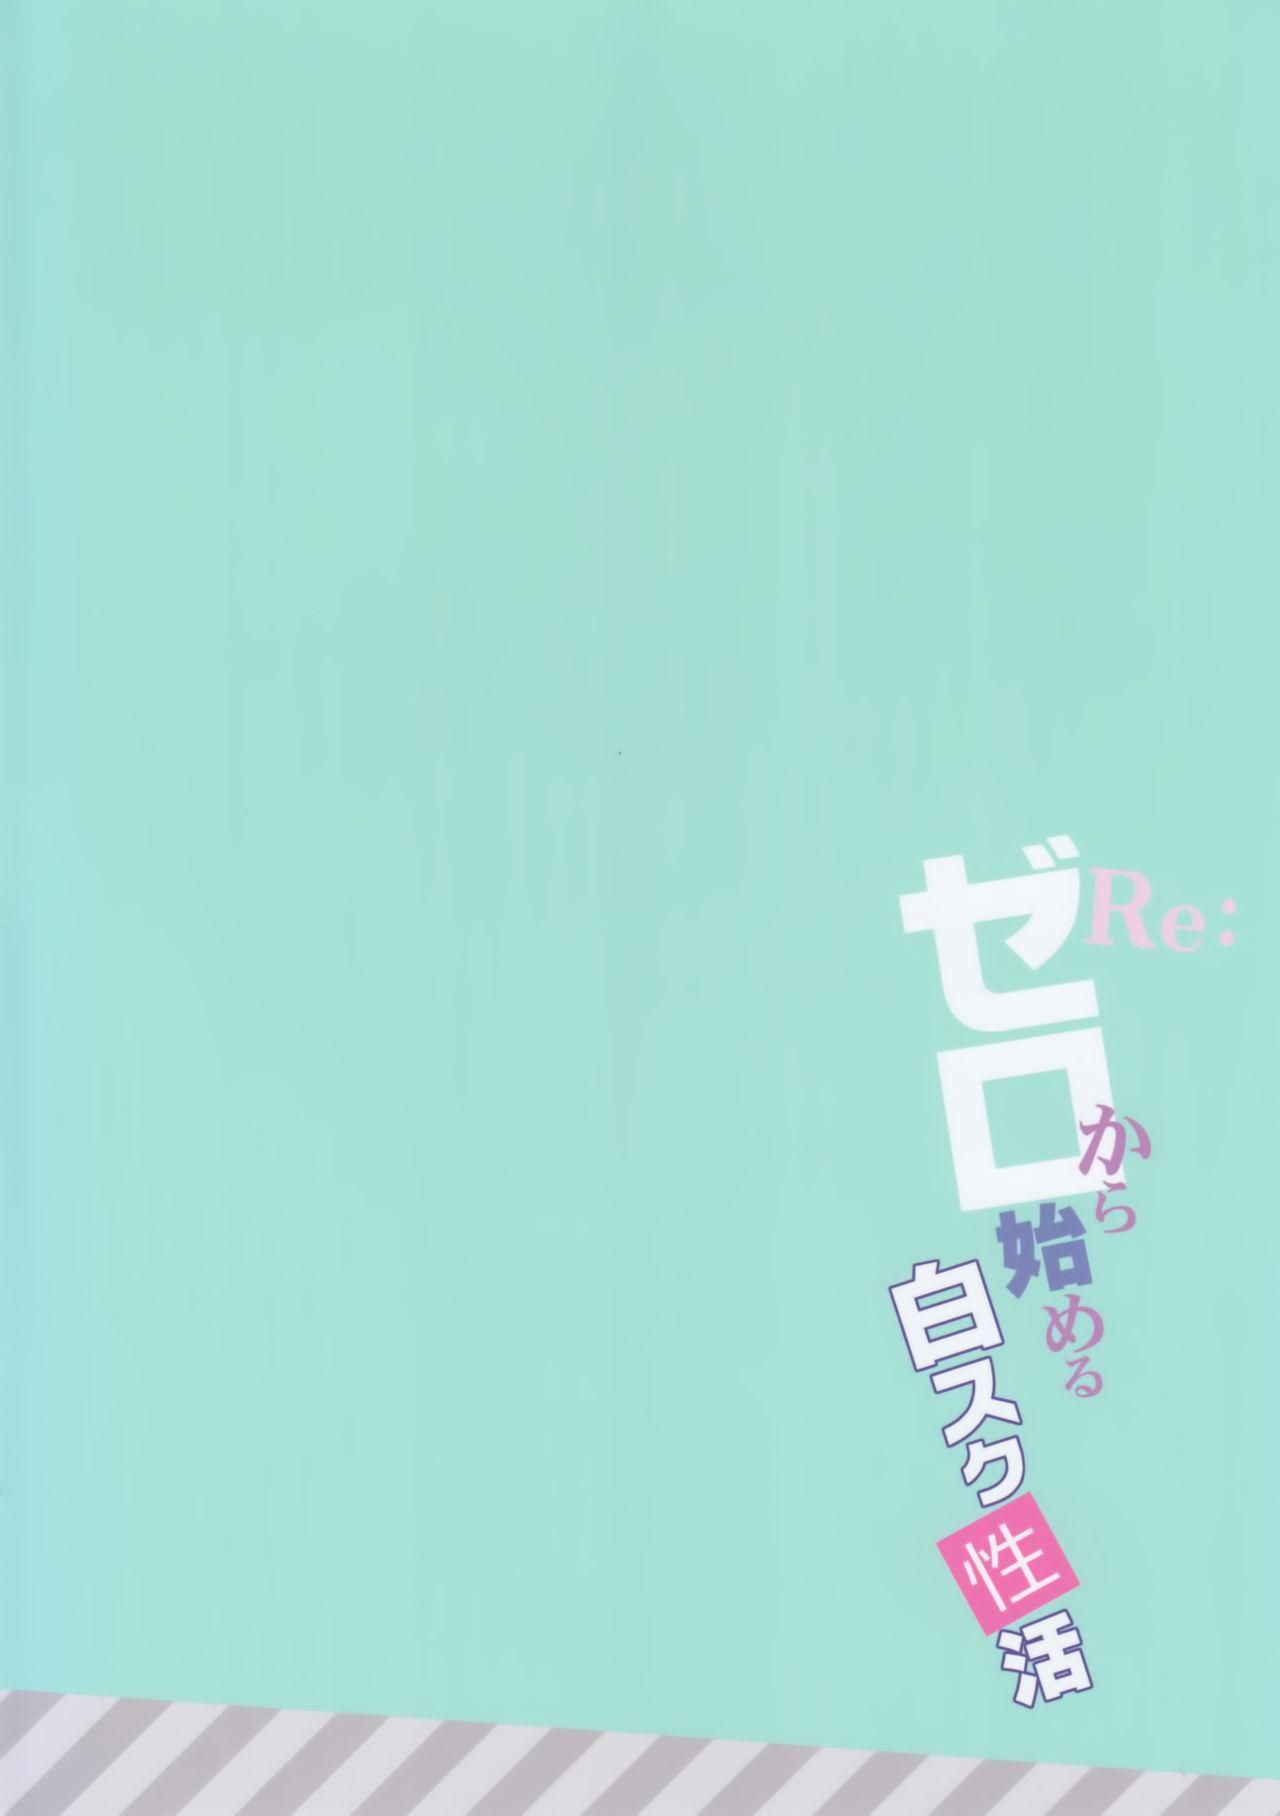 Re:Zero kara Hajimeru Shiro Suku Seikatsu 22